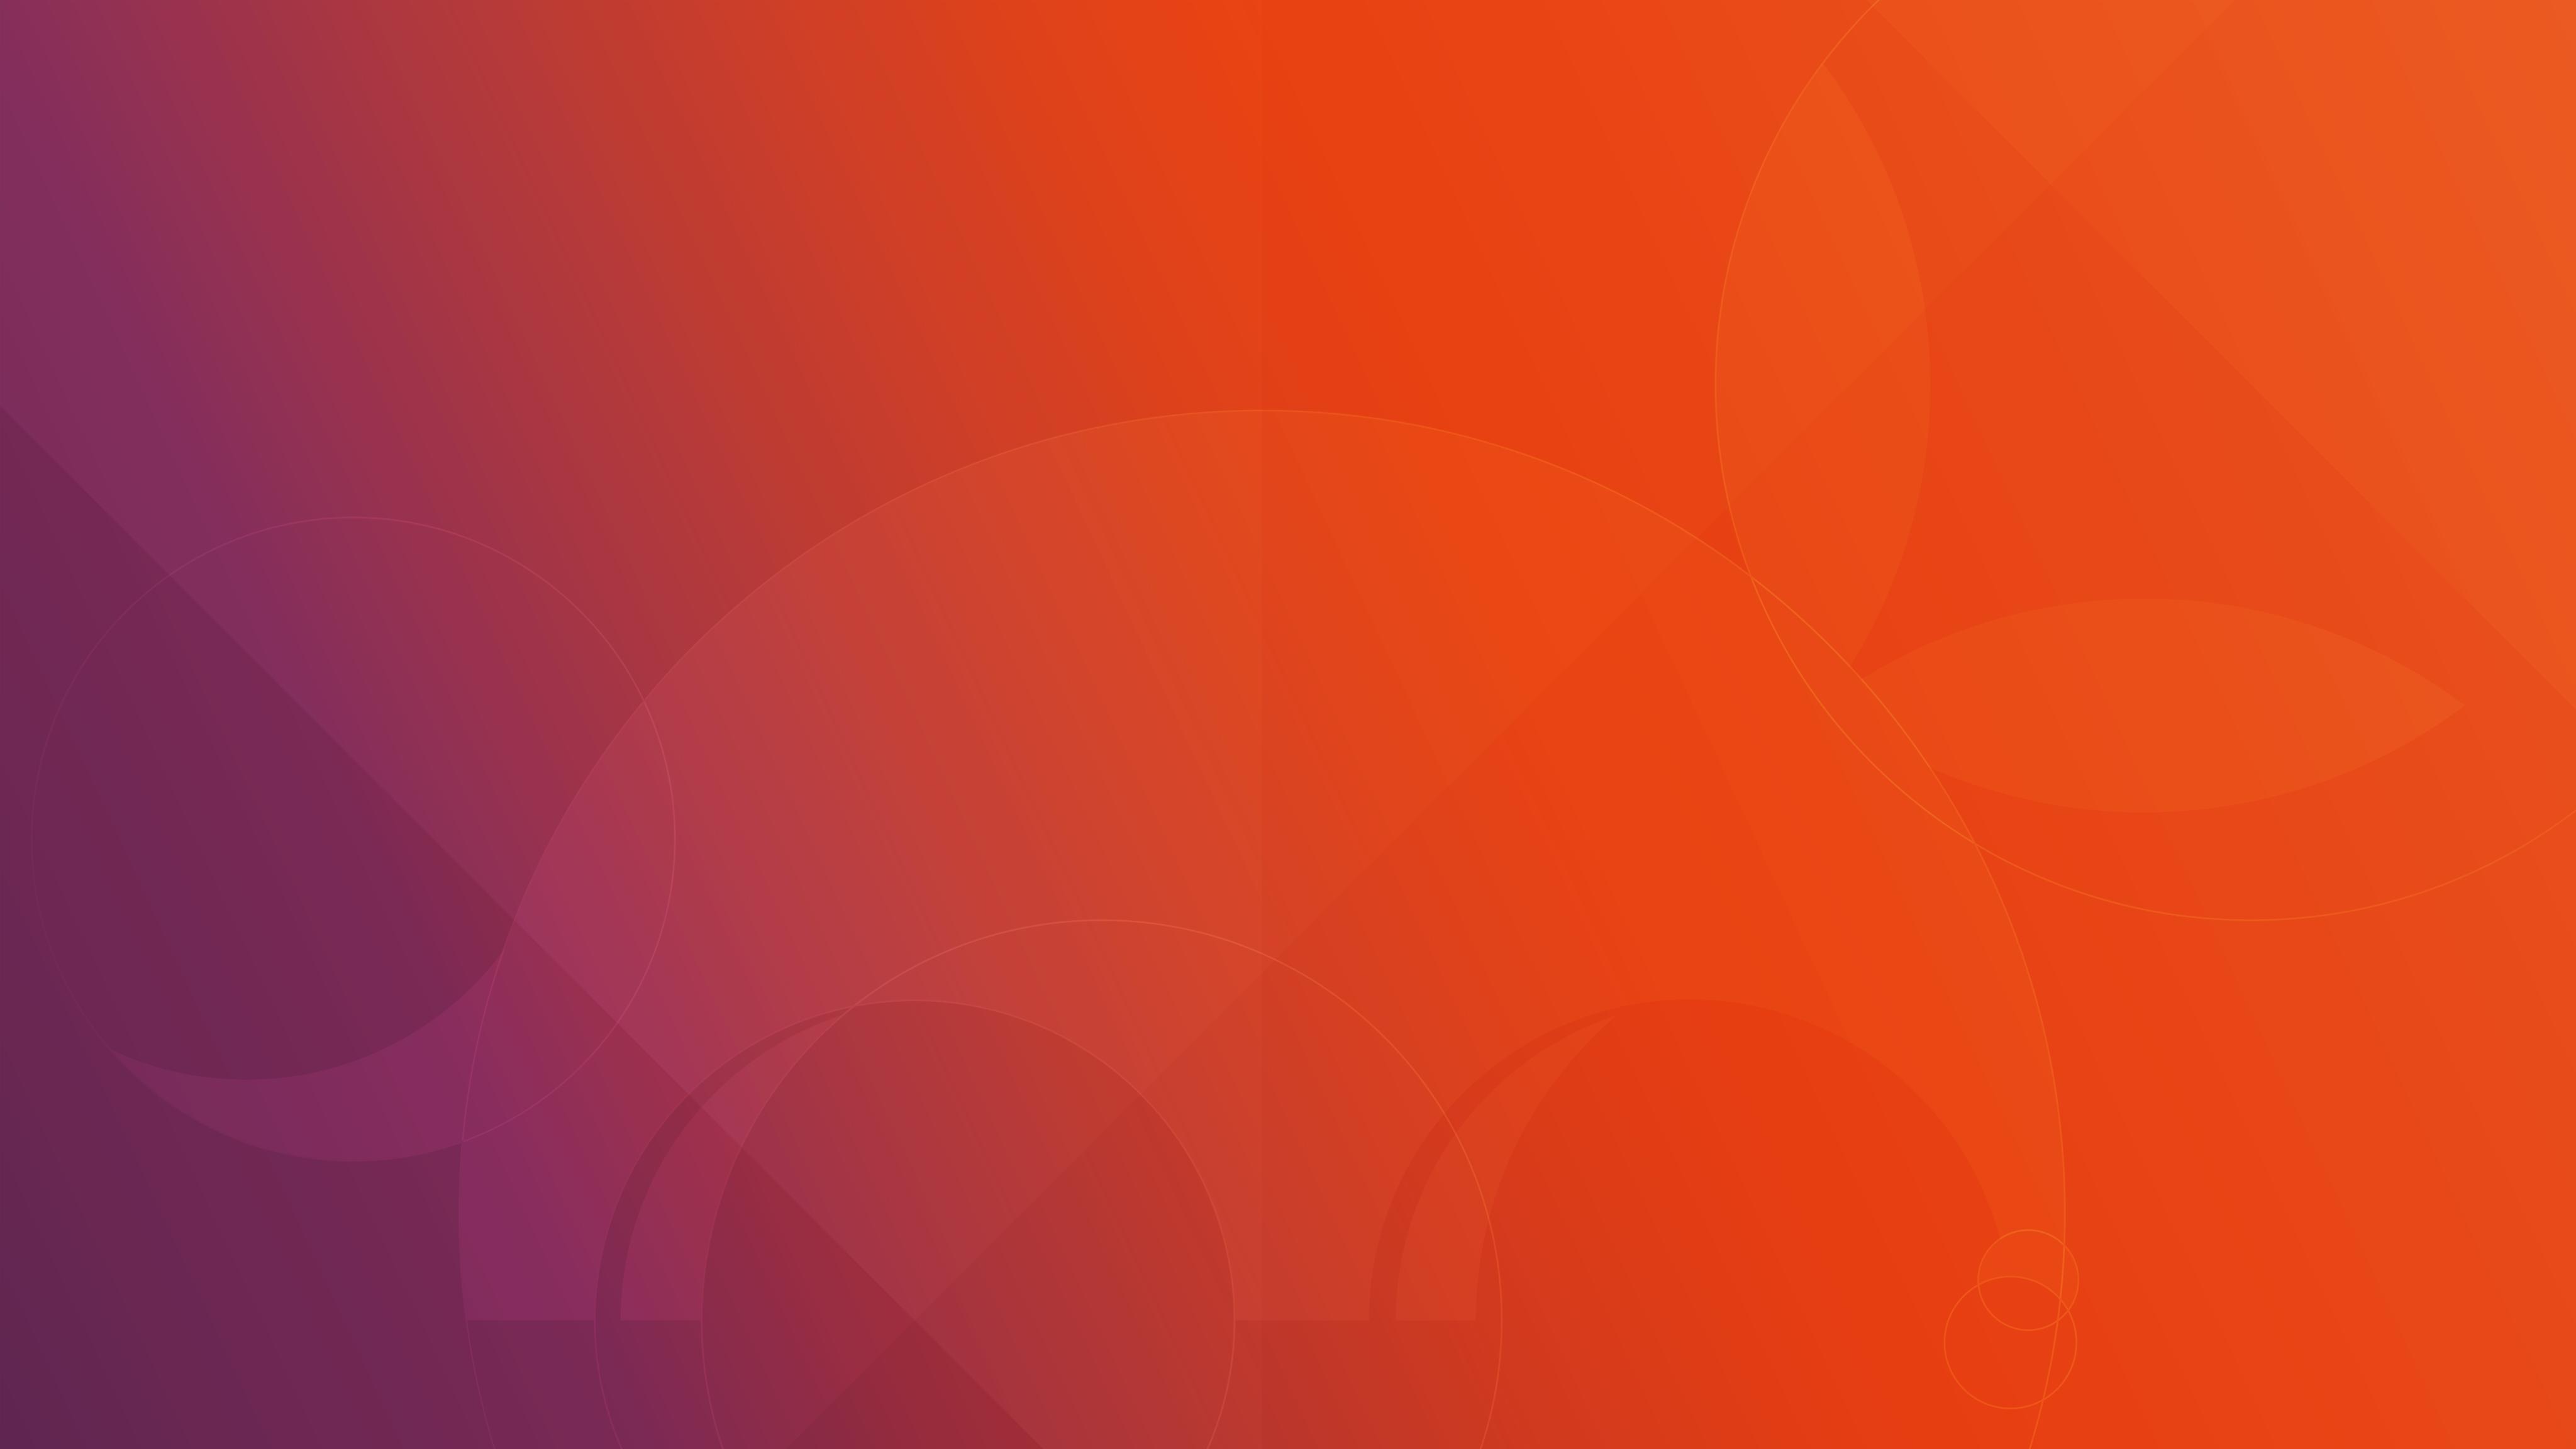 Wallpaper Linux Ubuntu 18 04 X Blabla Linux